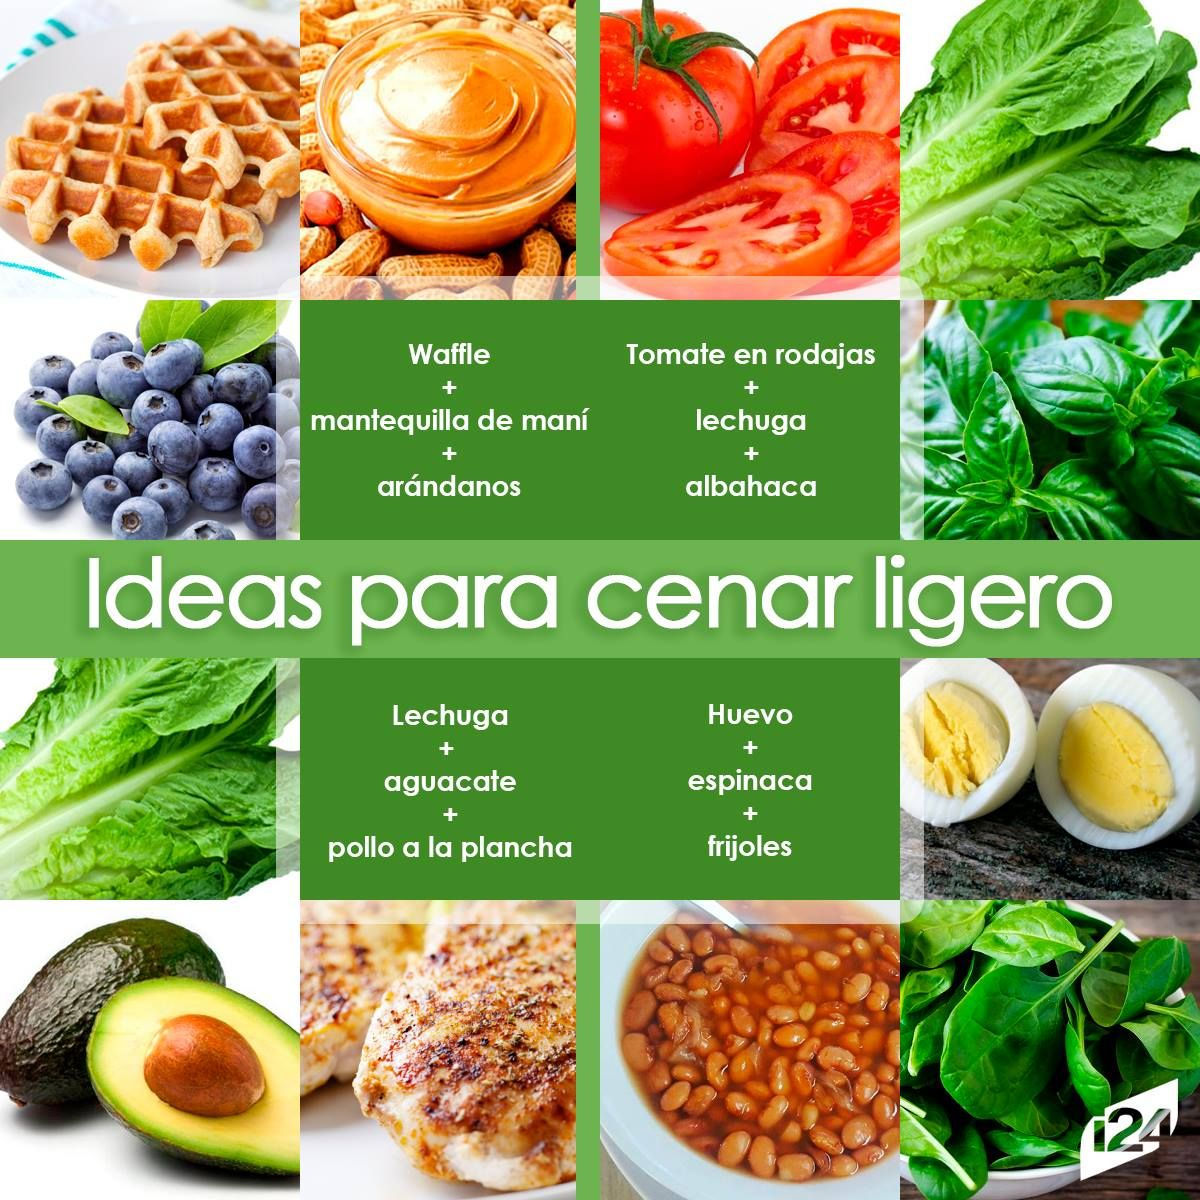 Haga Esto Y Adelgaza De Forma Saludable Cenas Fitness Recetas Comida Saludable Comida Rapida Saludable